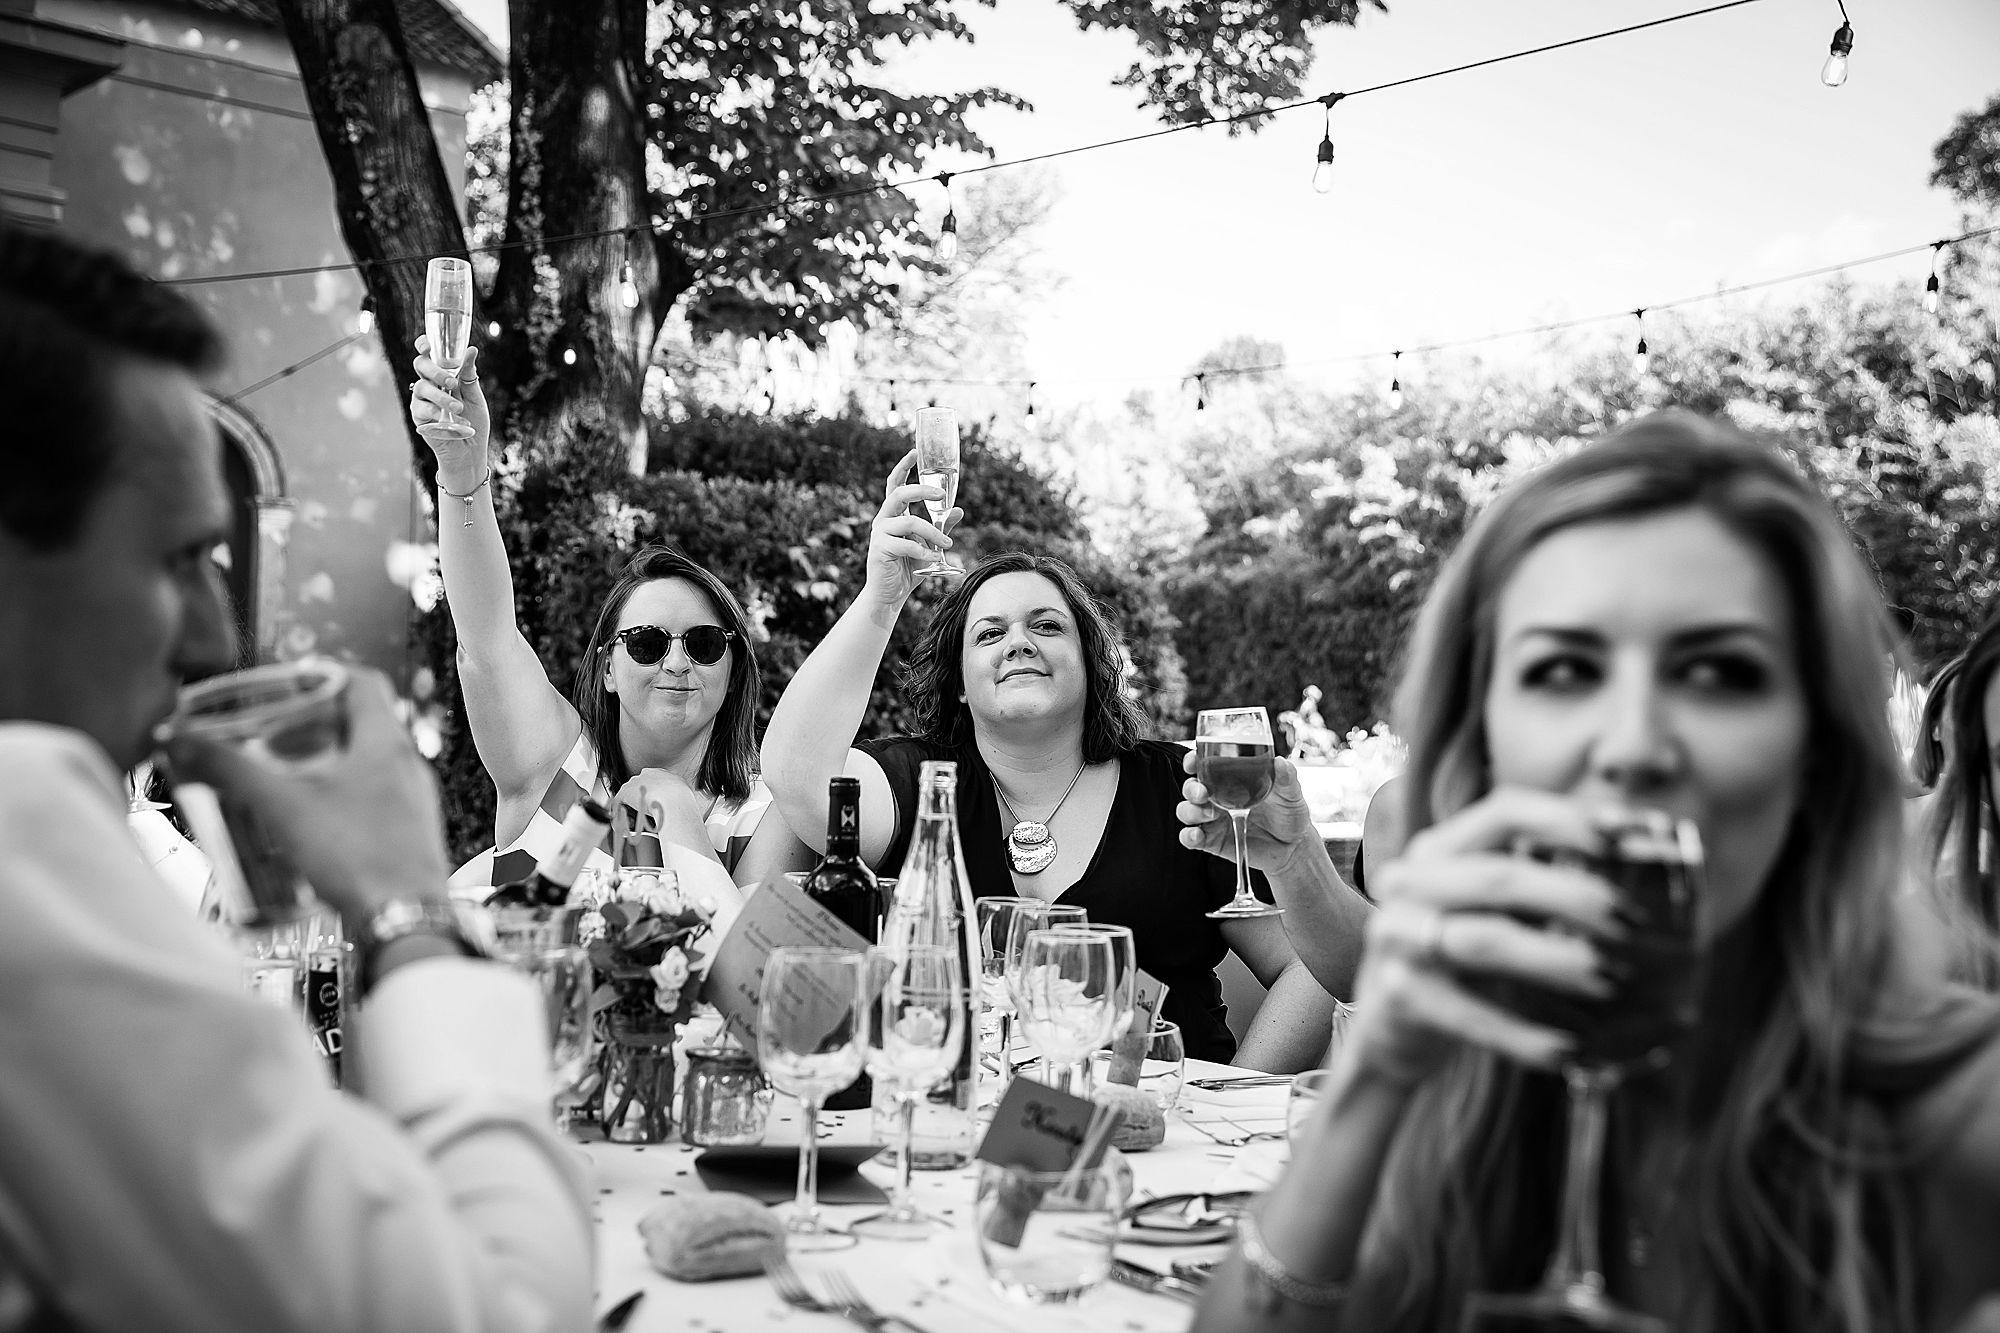 girls raise a glass